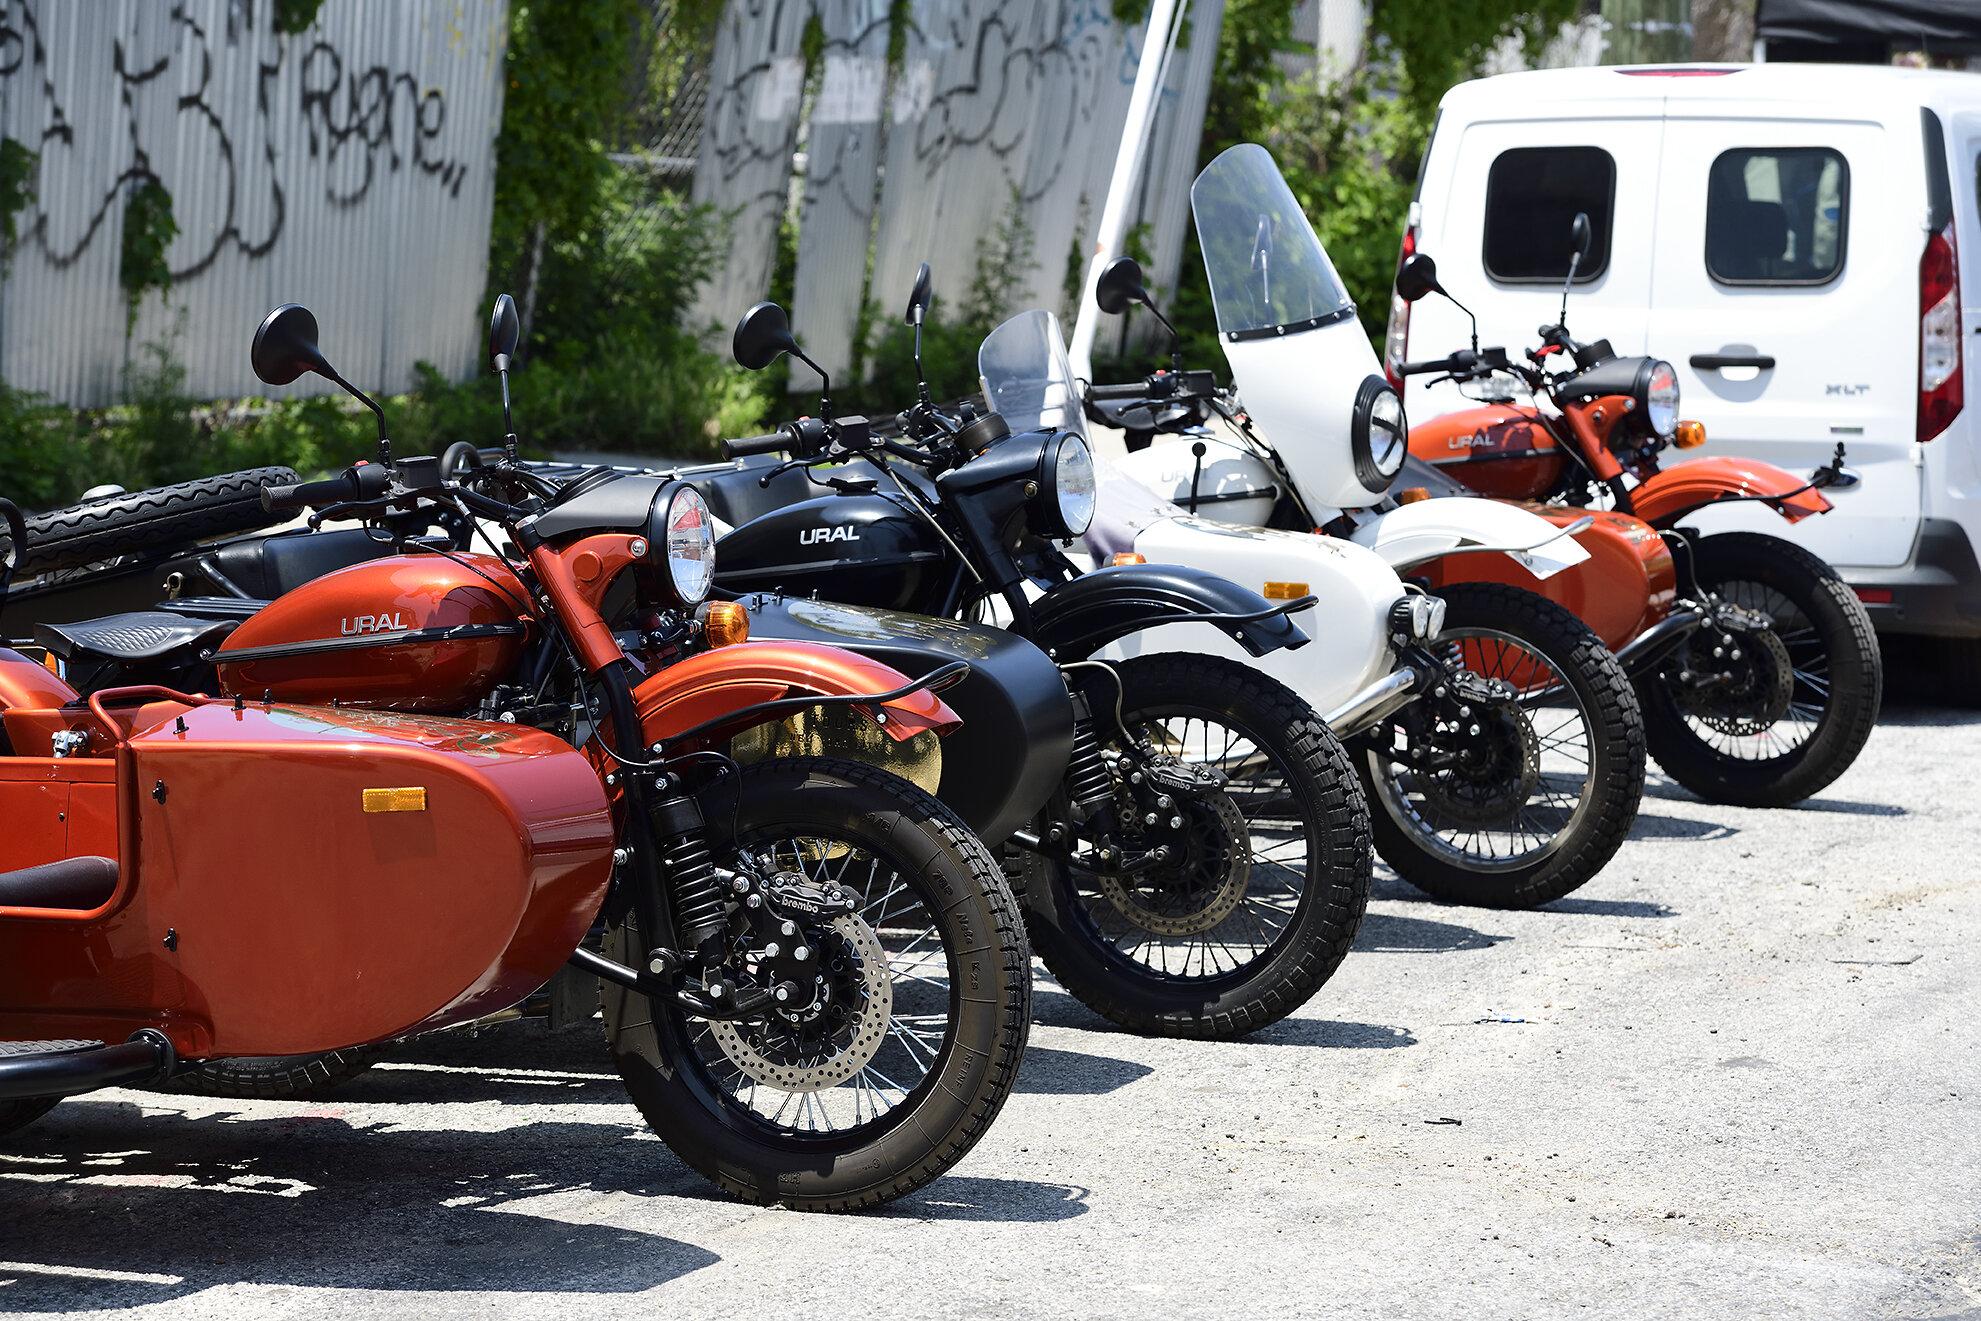 motomarket3_047.jpg